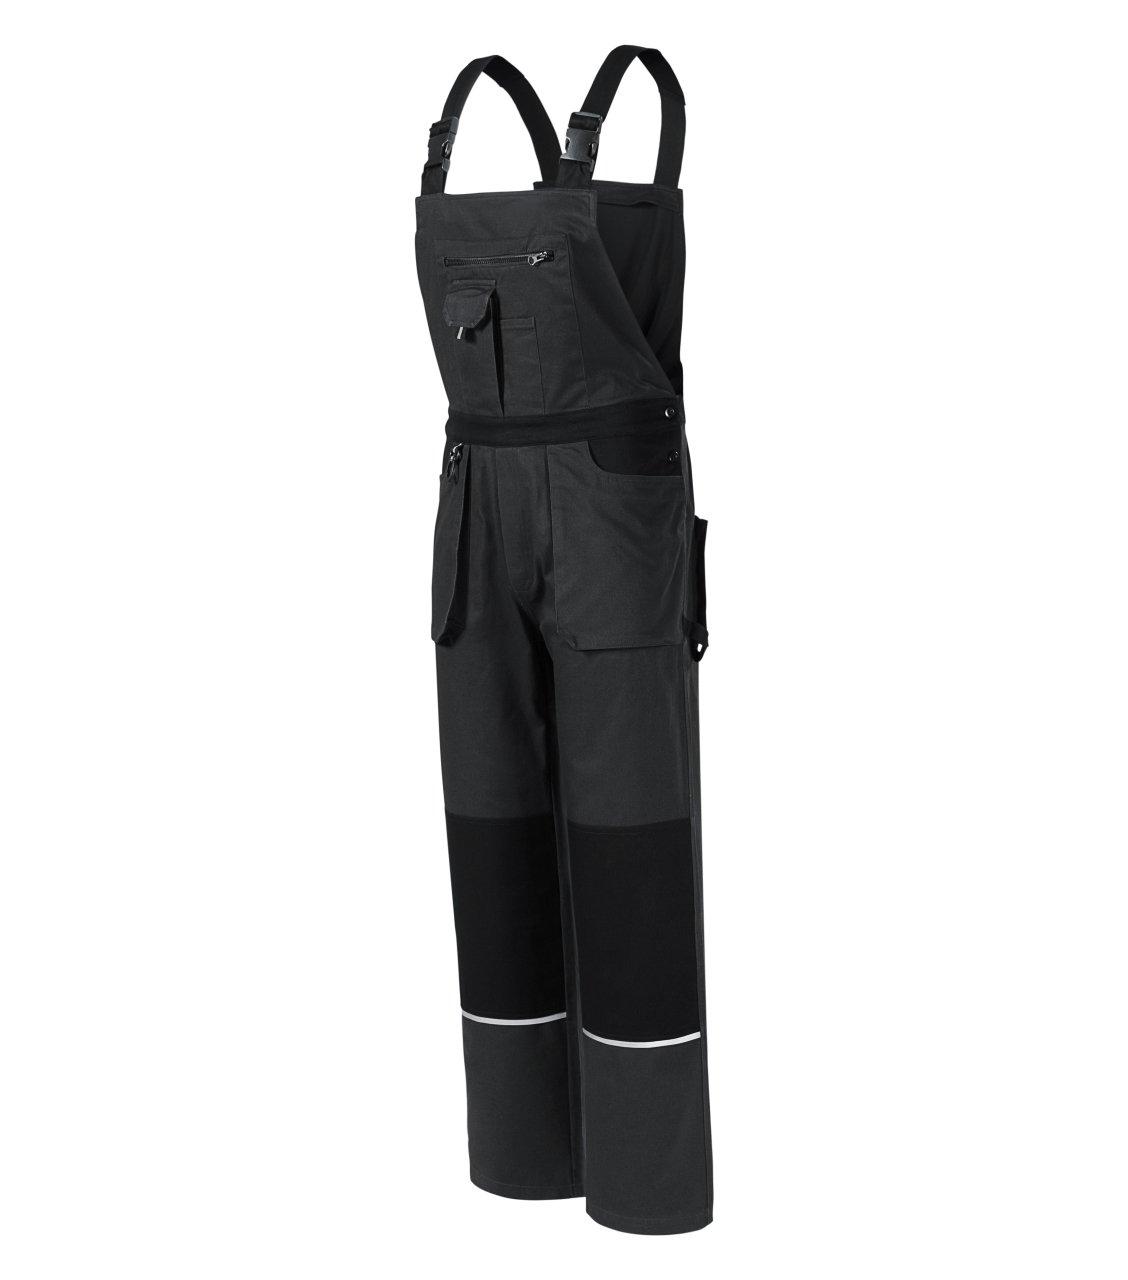 Woody pracovní kalhoty s laclem pánské Rimeck ADLER CZECH ebony gray M